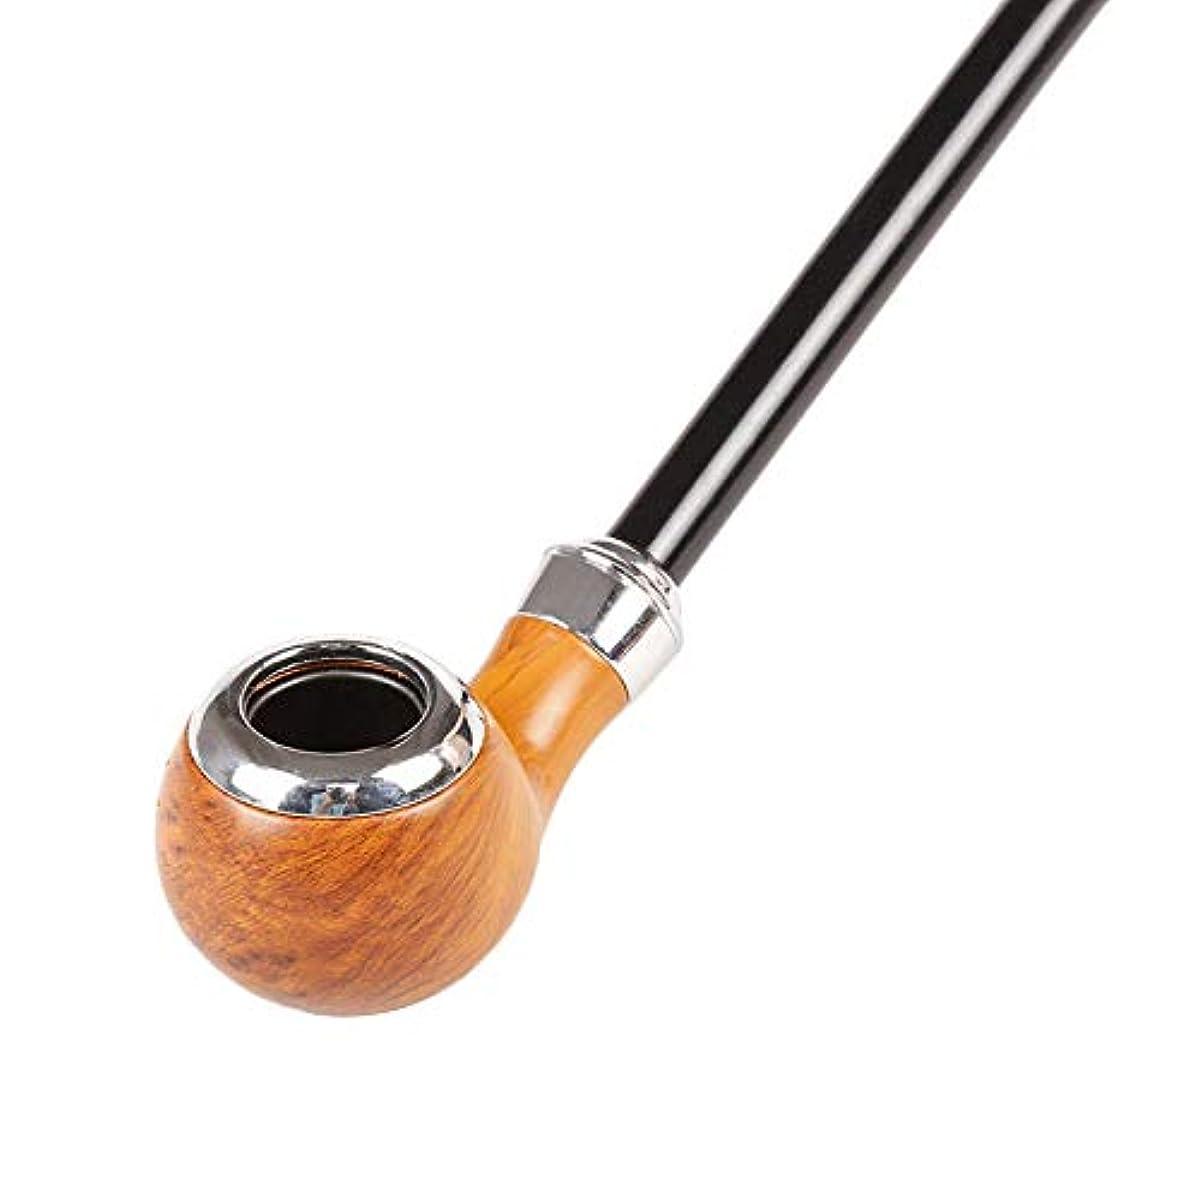 フェード抹消不確実GLJJQMY 金属アクリル喫煙セット41cmロングロッドチューブ手作りのギフトボックス パイプ (色 : C)